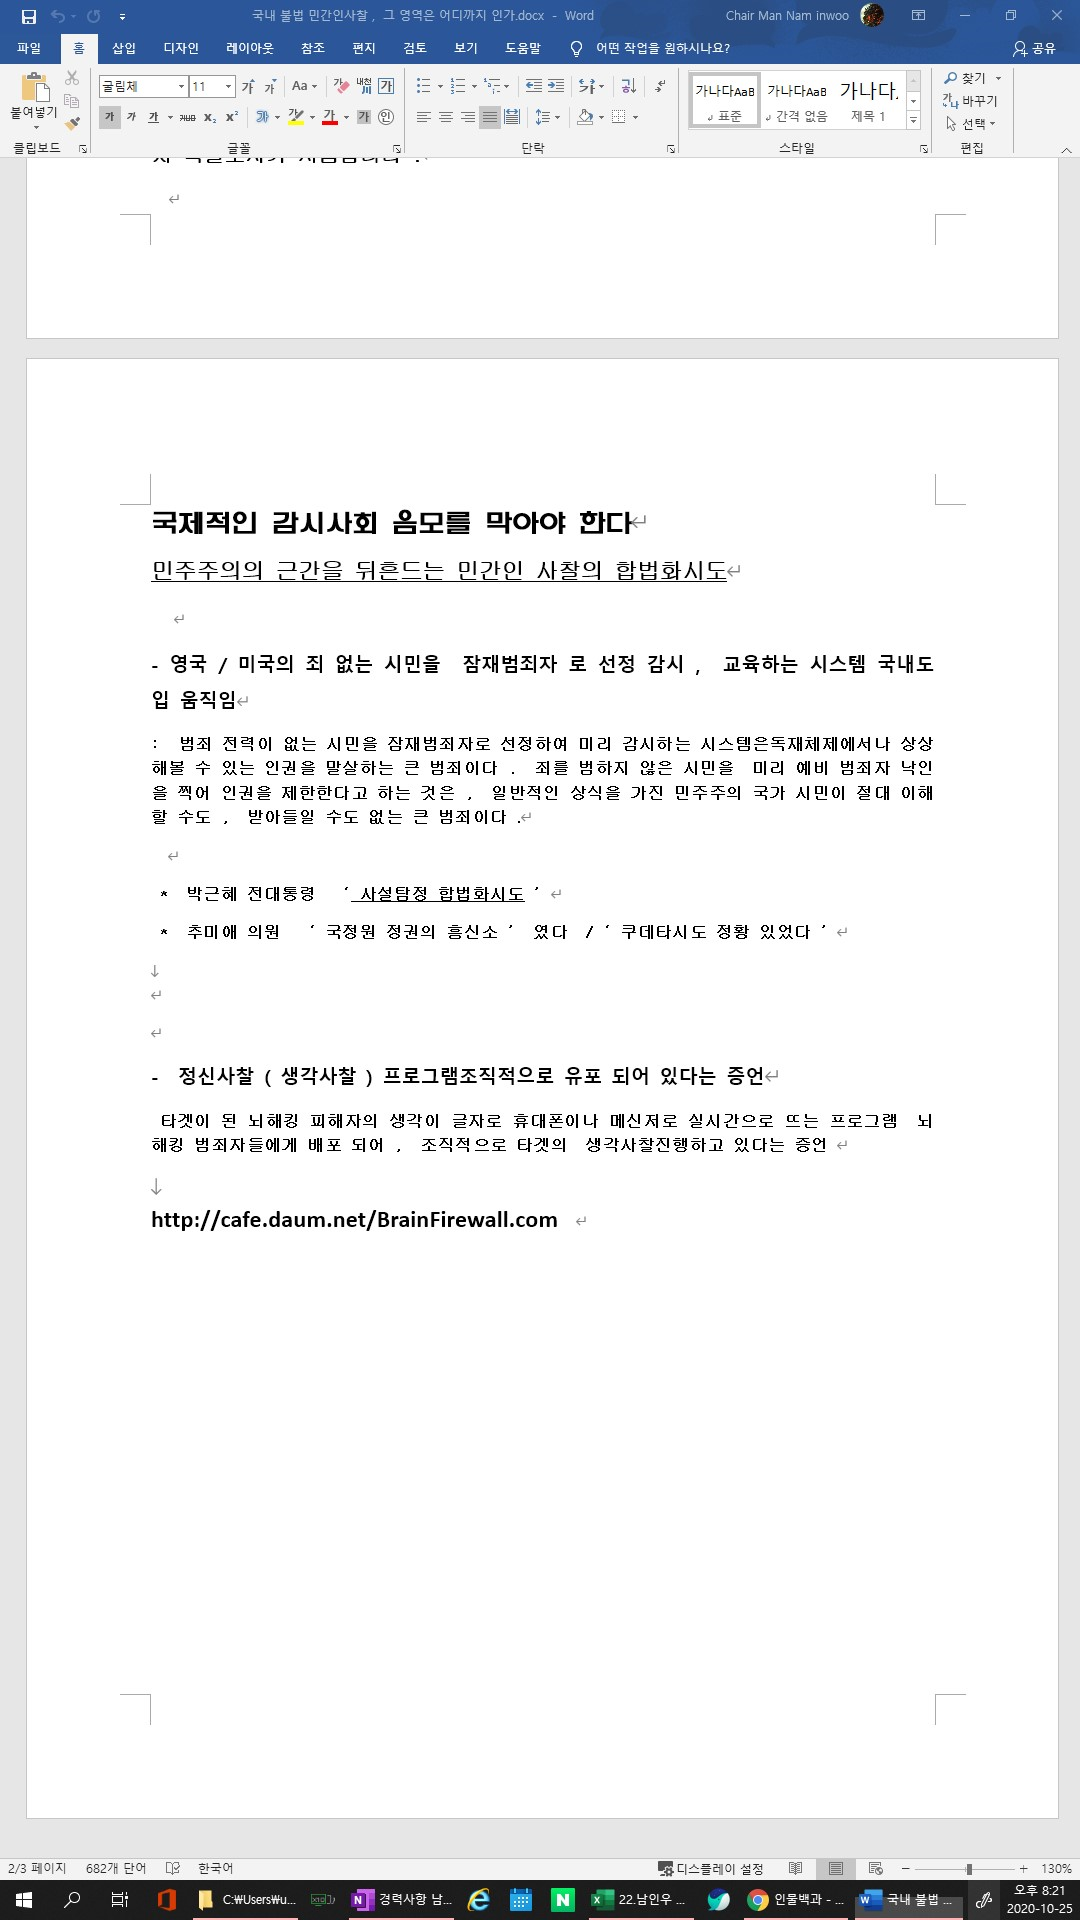 민간인 불법사찰-촛불집회 이메일 전송자료-10.png